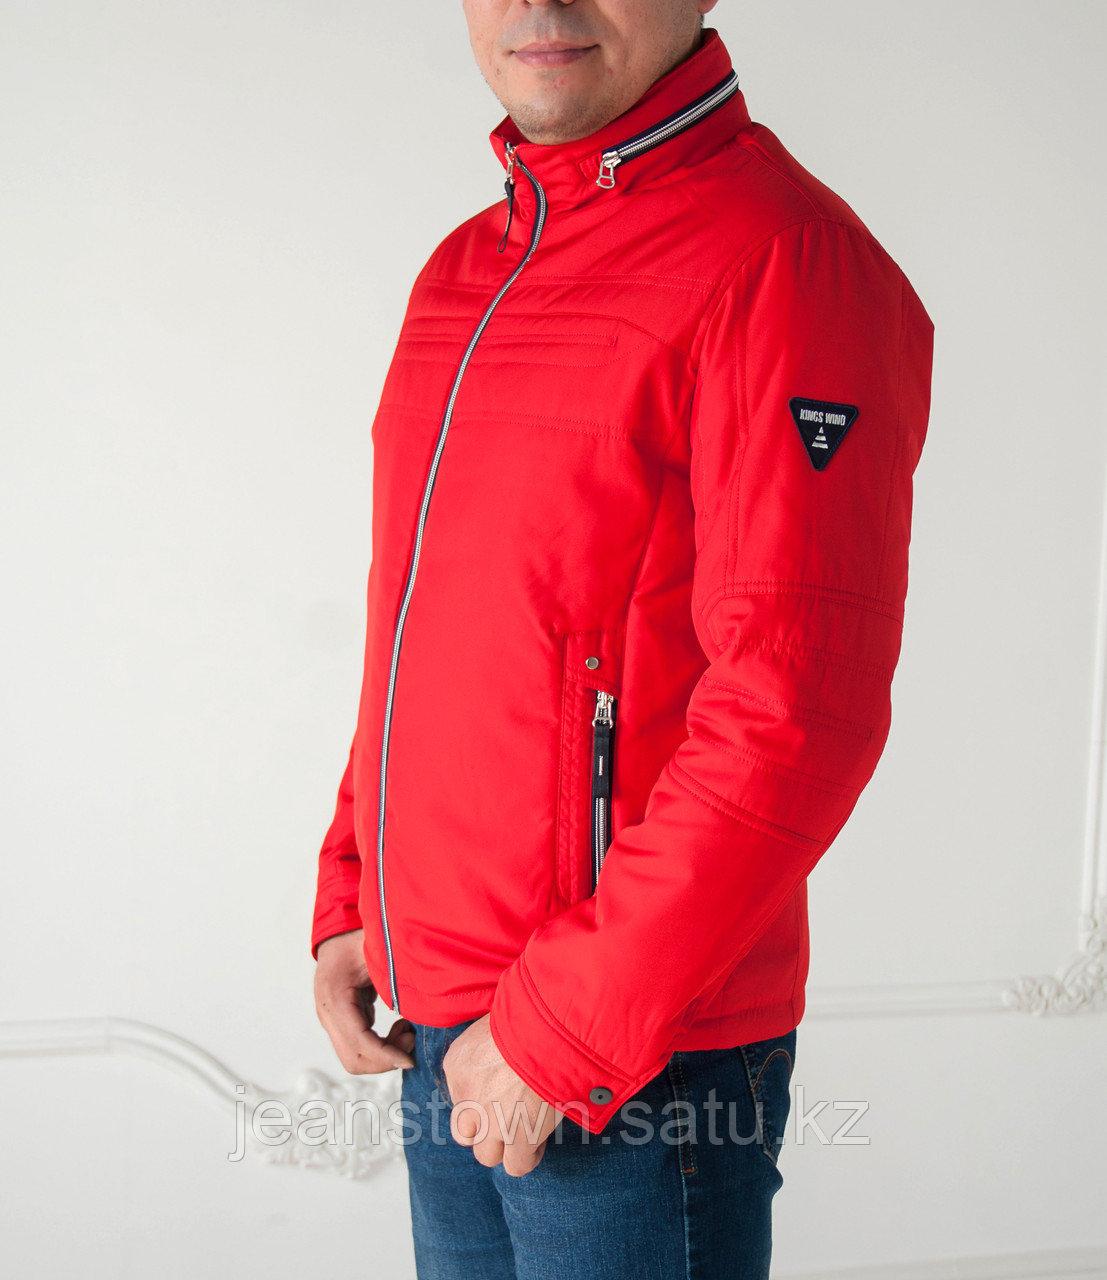 Куртка мужская демисезонная Kings  Wind короткая, красная